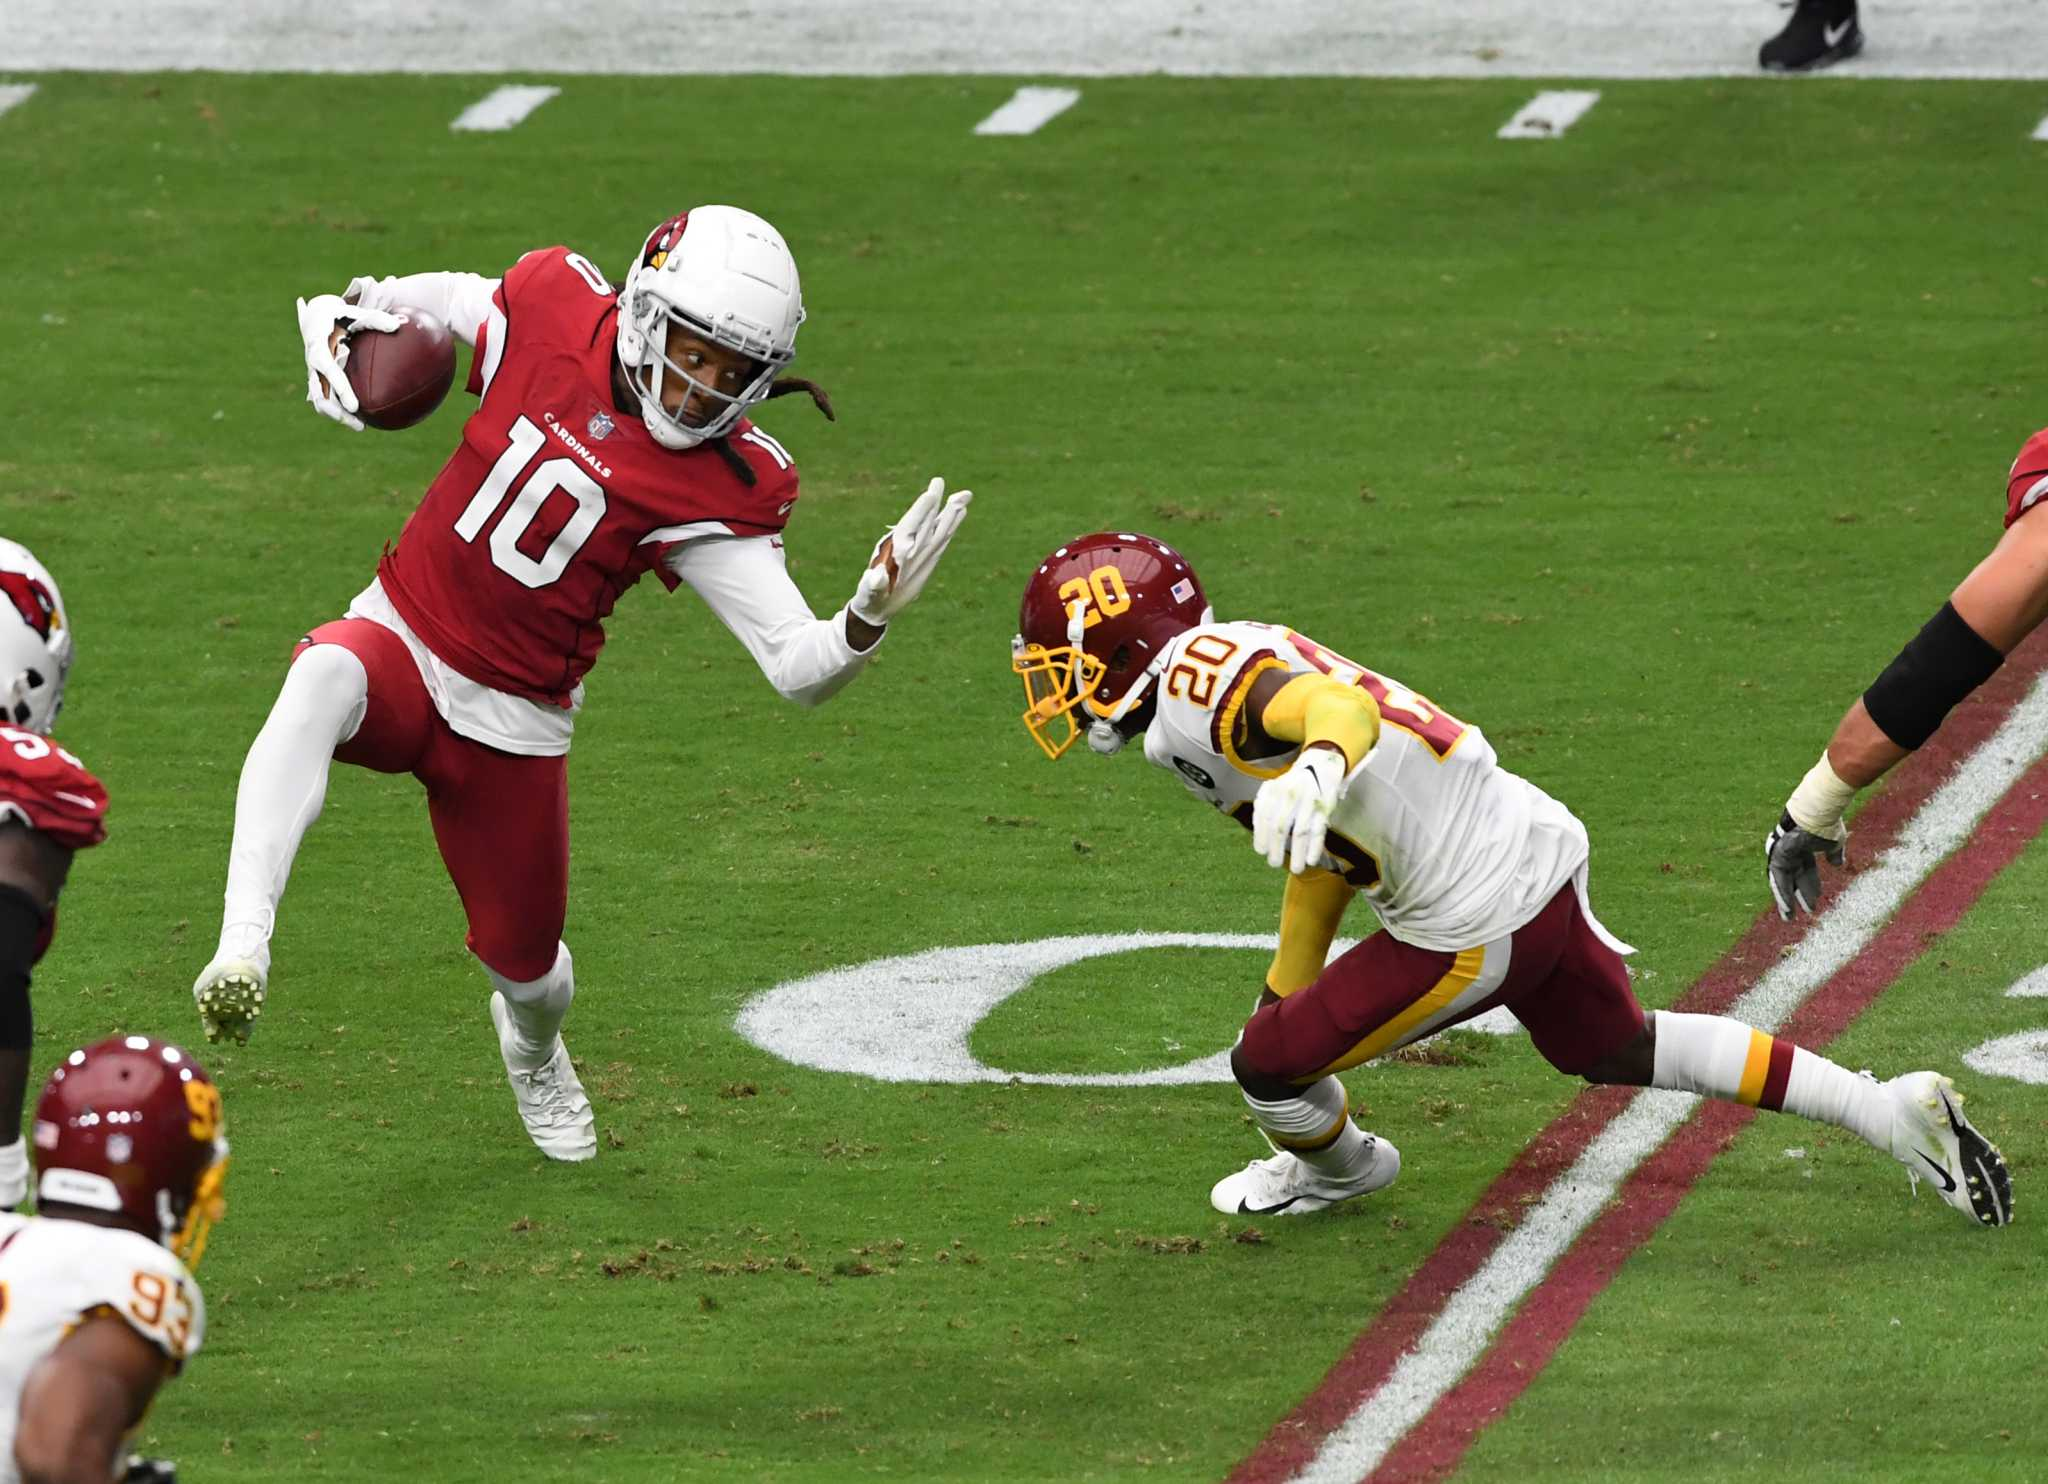 Ex-Texans WR DeAndre Hopkins sets NFL record